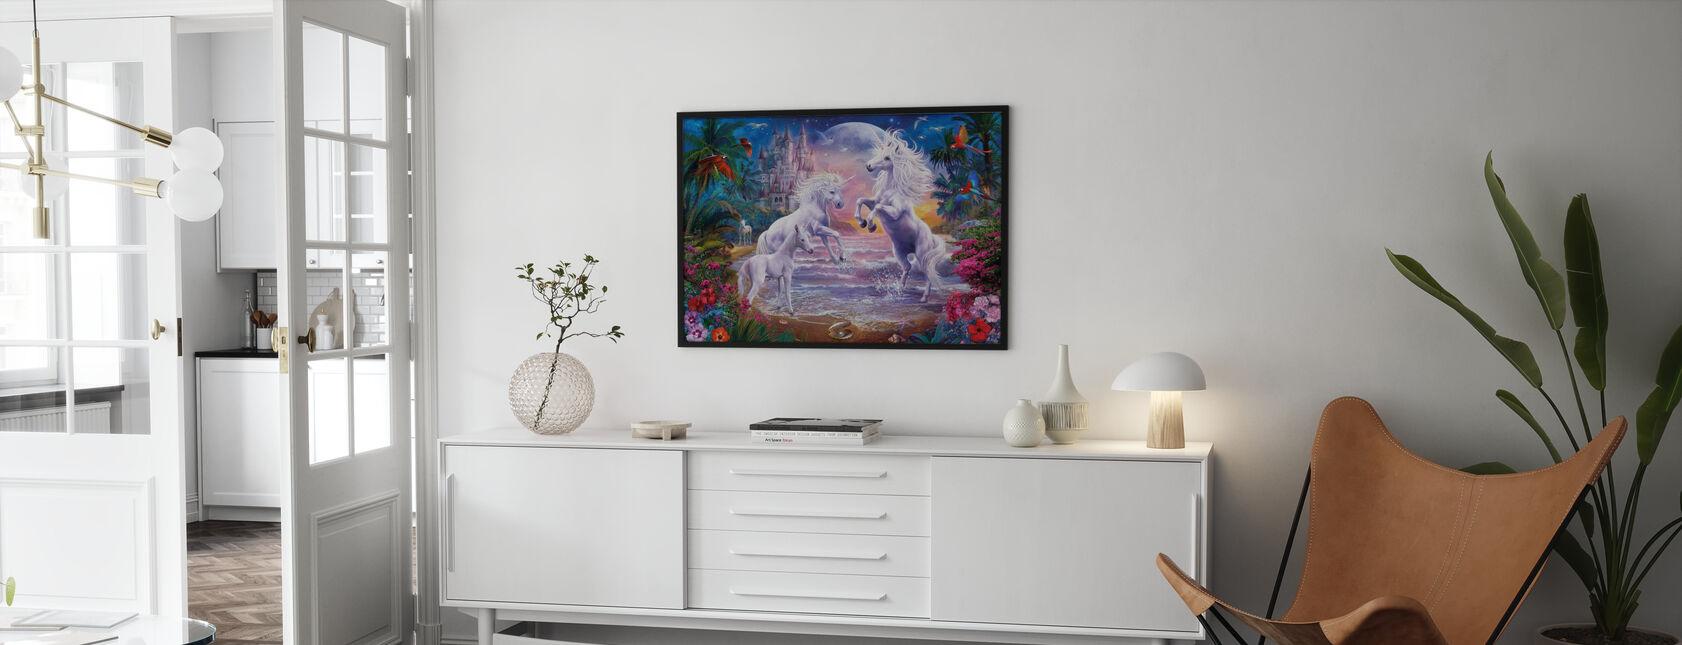 Strand Einhörner - Poster - Wohnzimmer